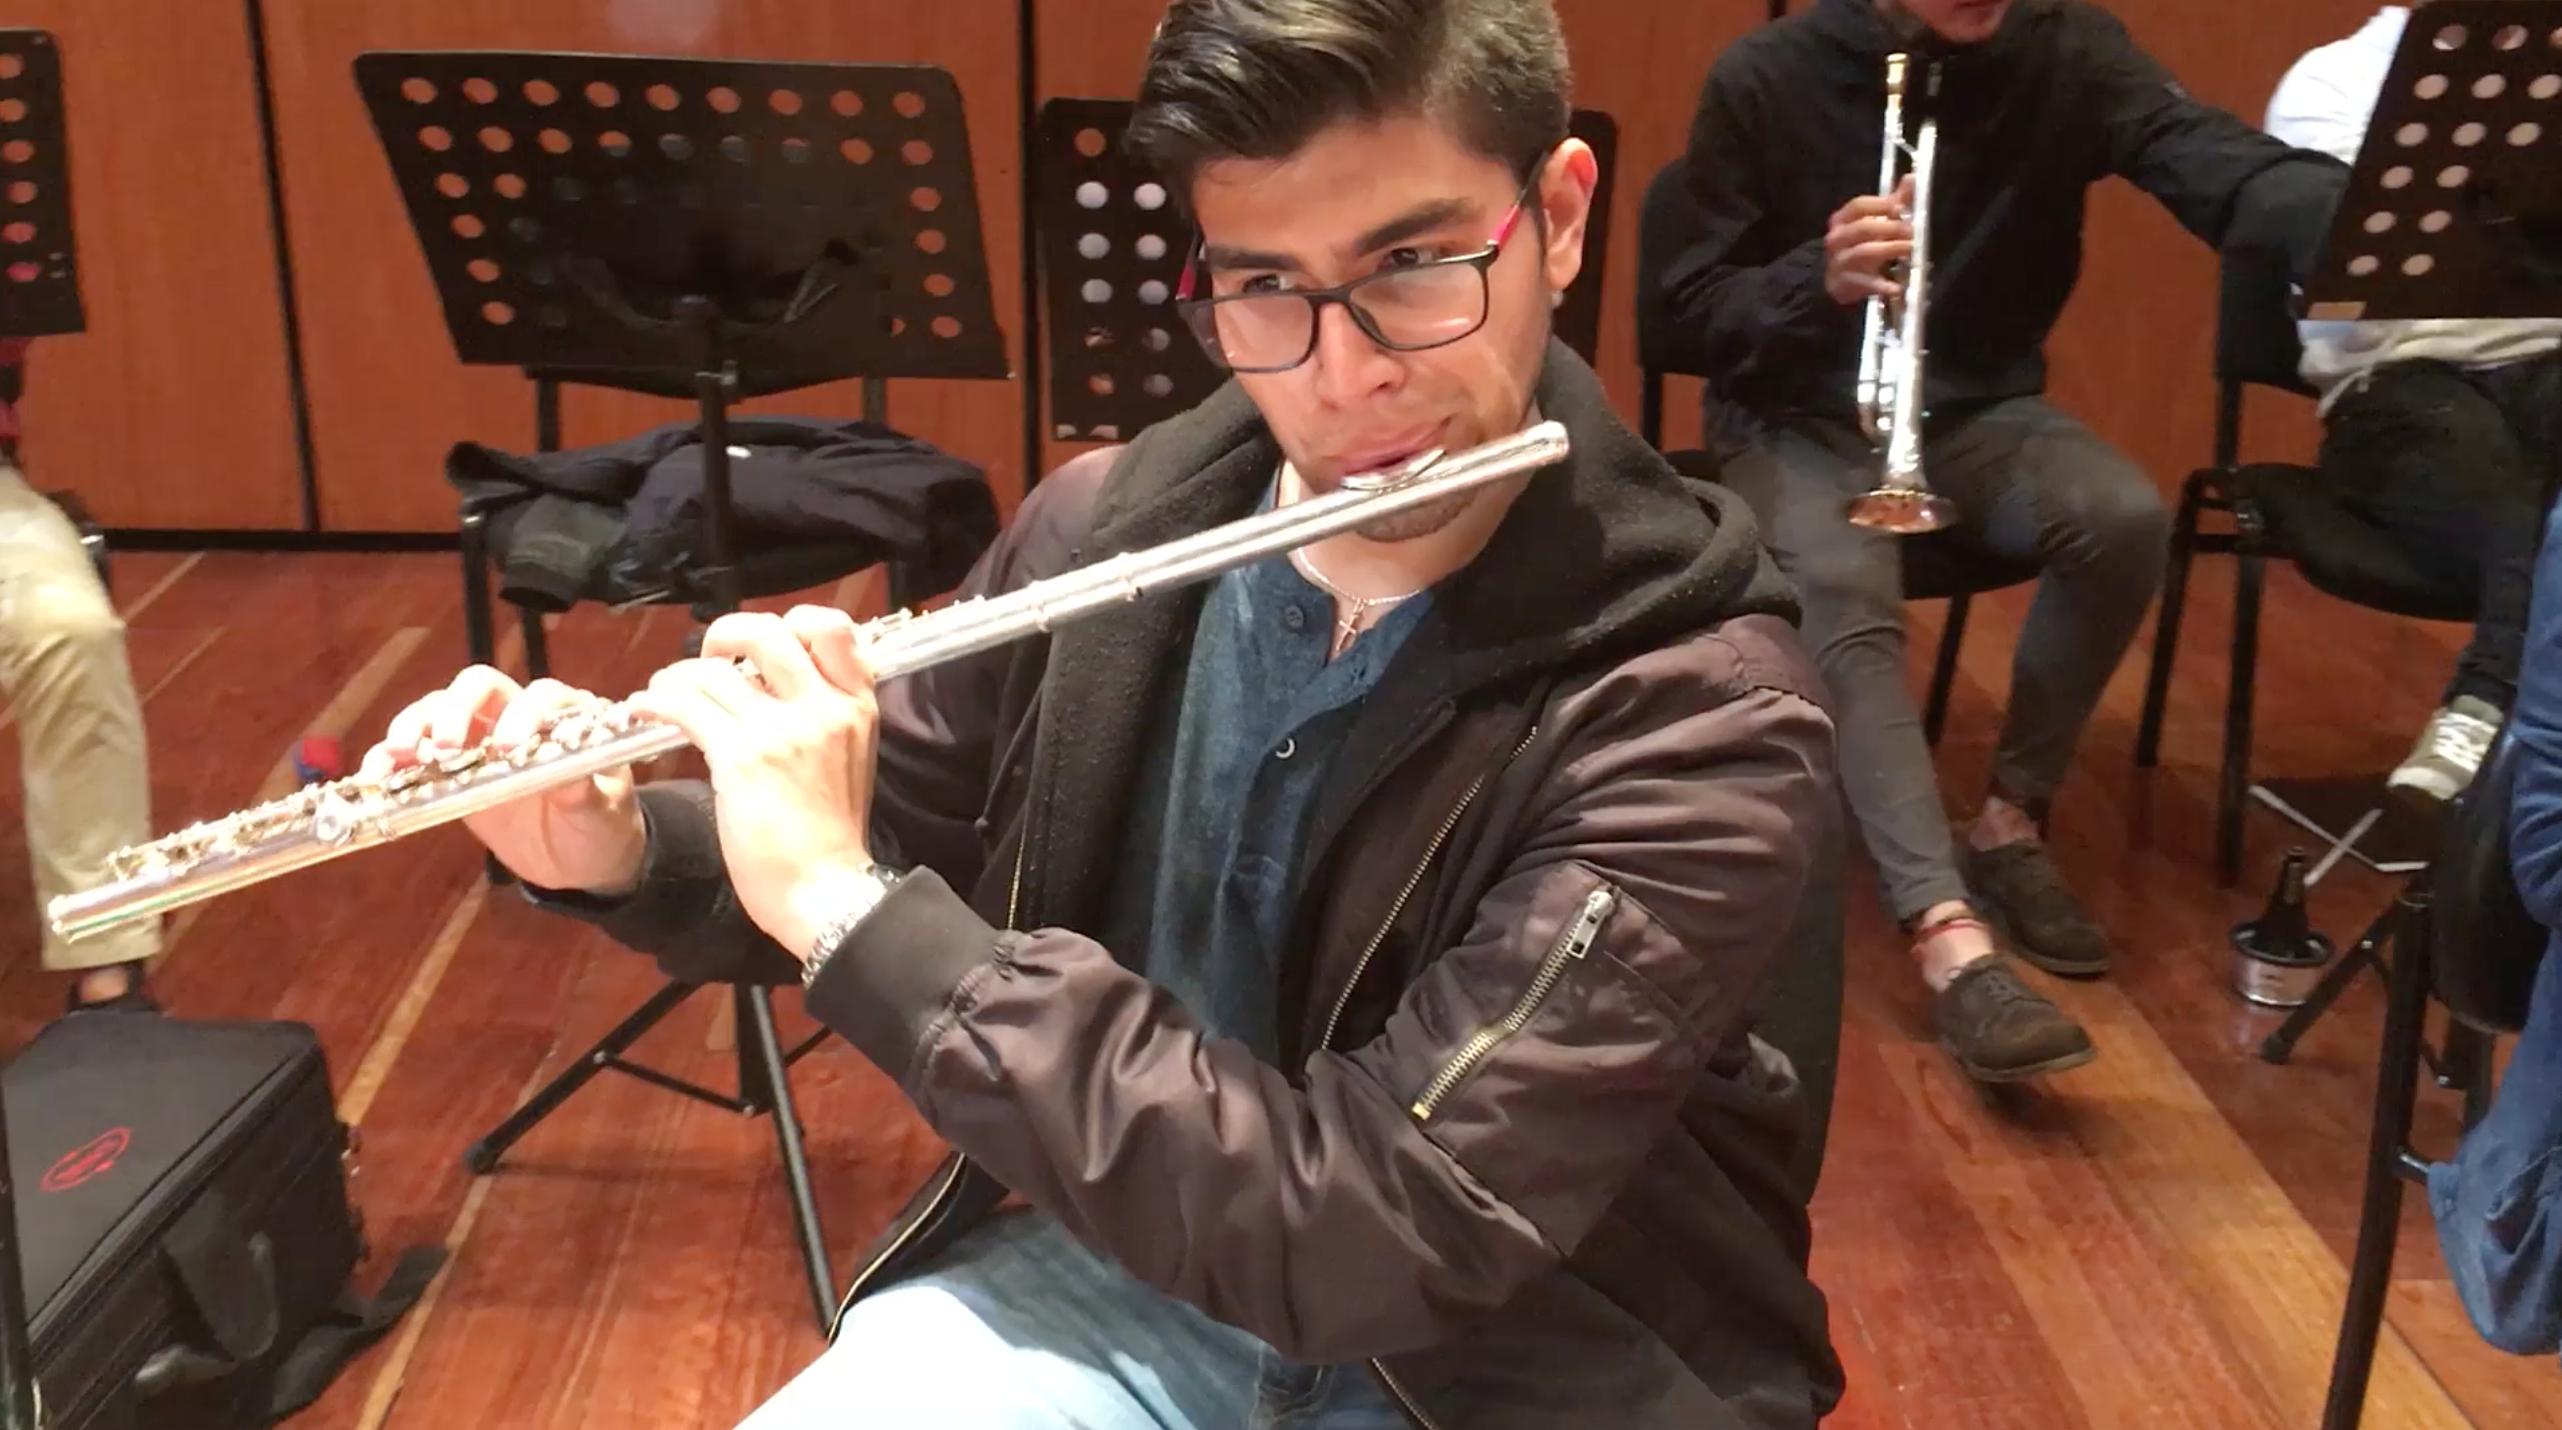 Orquesta A la Colombiana venezolanos colombianos proyecto ser humano David Reyes José David Rodríguez